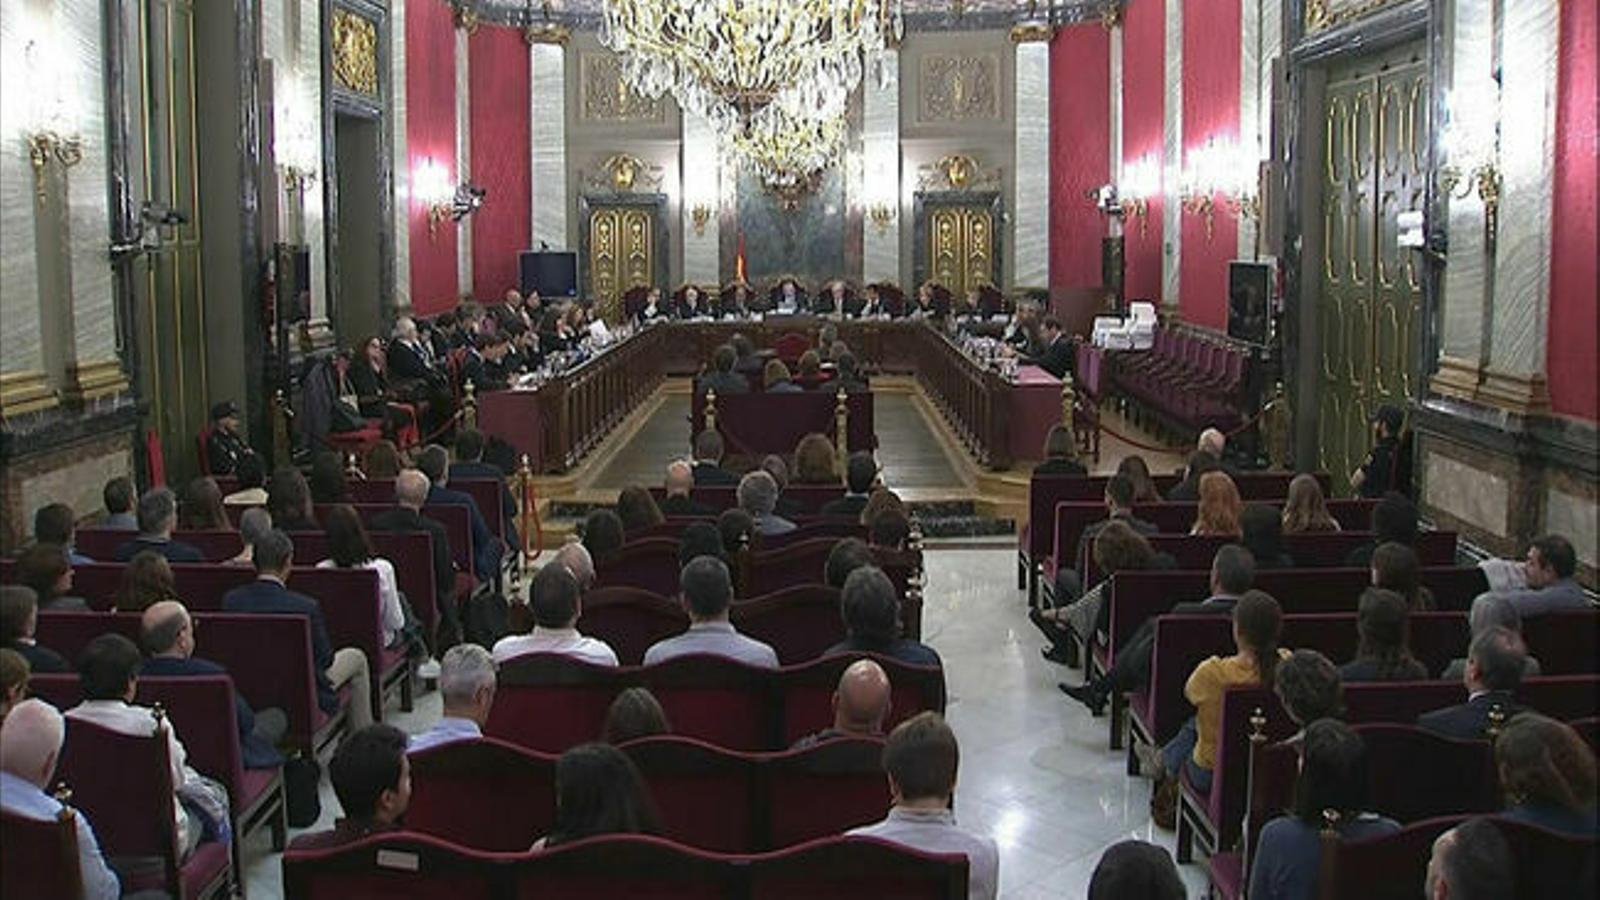 Fiscalia i Advocacia de l'Estat s'oposen a la llibertat dels presos polítics